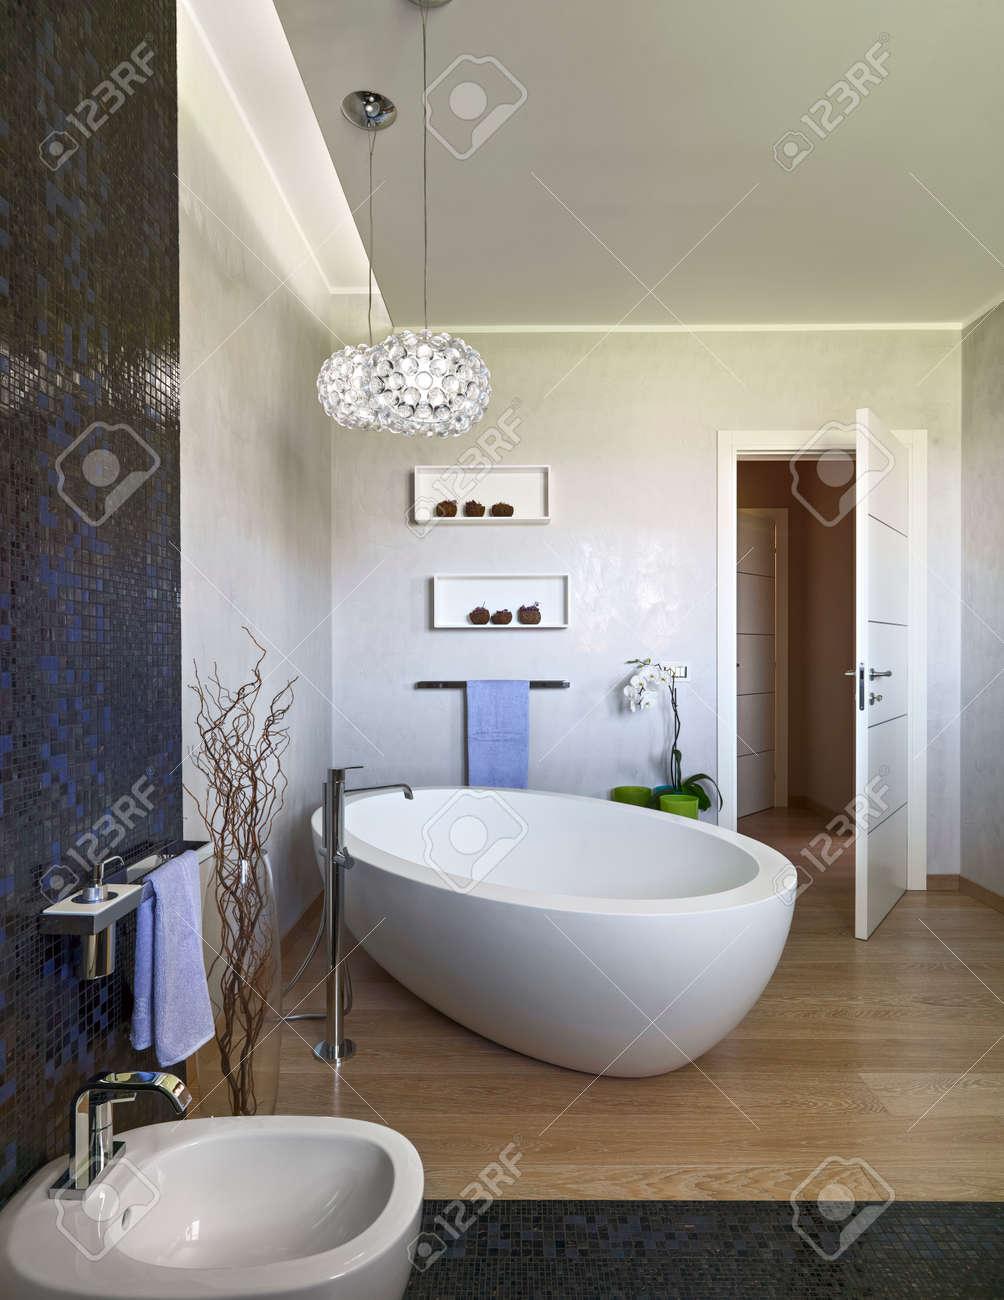 Foeground de una bañera en el cuarto de baño moderno wgich Foor es de madera